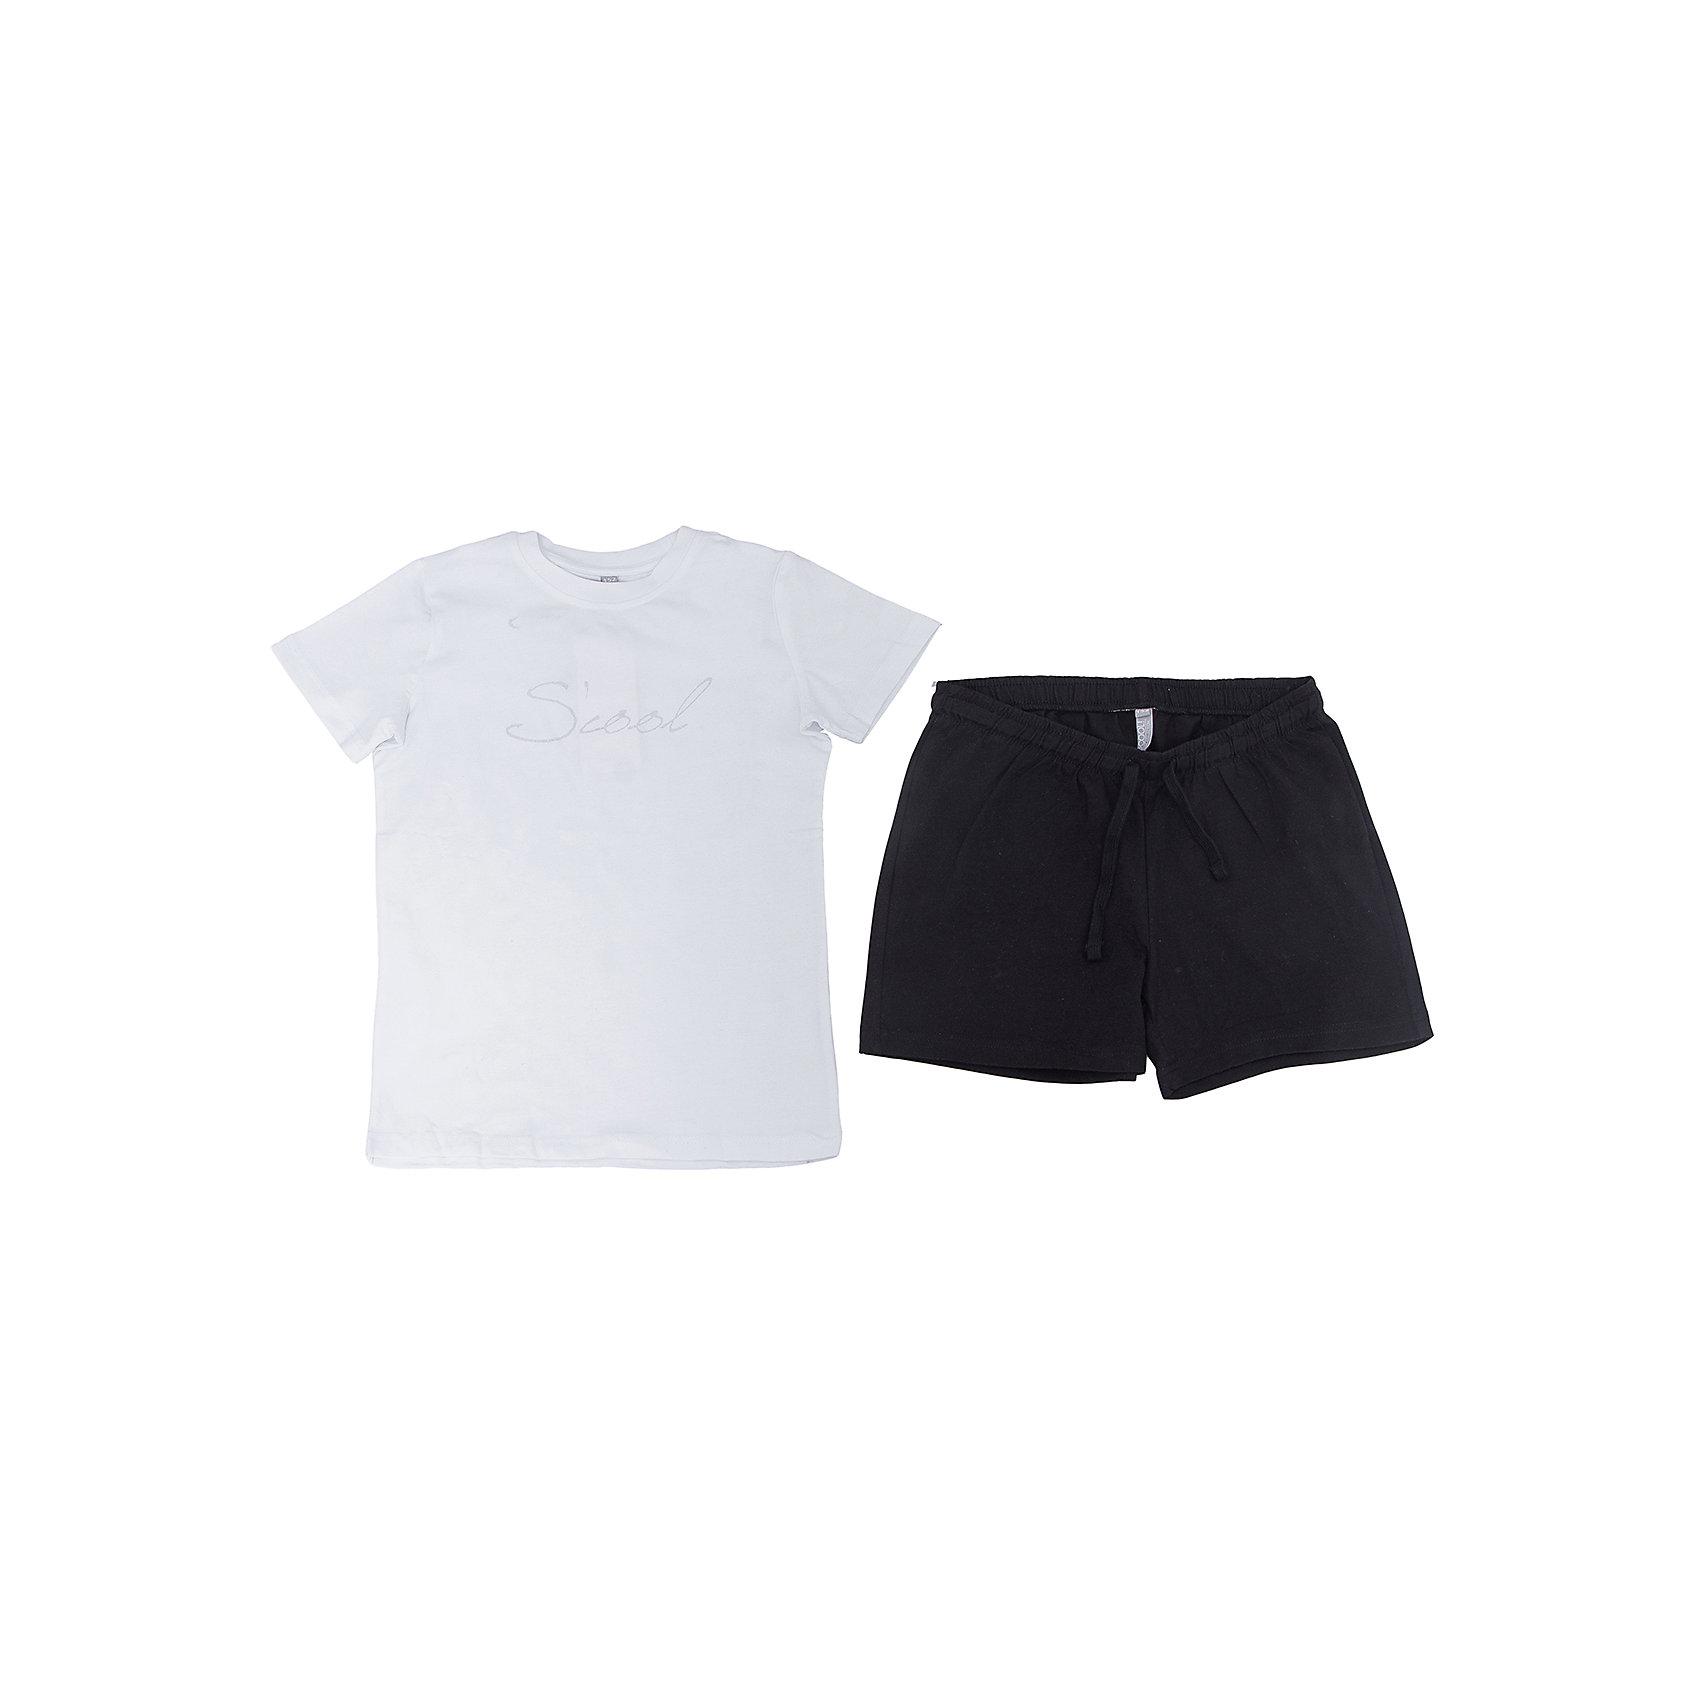 Комплект: футболка и шорты для девочки ScoolКомплект: футболка и шорты для девочки Scool<br><br>Характеристики:<br><br>• Цвет шорт: черный<br>• Цвет футболки: белый<br>• Материал: 92% хлопок, 8% эластан<br><br>Комплект из футболки и шорт для девочки идеально подойдет для занятий спортом, летних прогулок или посещения физкультуры в школе. Классический покрой и популярная цветовая гамма делает этот комплект незаменимым. Футболка украшена принтом. Шорты держатся на мягкой резинке. Кроме этого их можно дополнительно отрегулировать шнурком. На шортах есть два кармана.<br><br>Комплект: футболка и шорты для девочки Scool можно купить в нашем интернет-магазине.<br><br>Ширина мм: 191<br>Глубина мм: 10<br>Высота мм: 175<br>Вес г: 273<br>Цвет: разноцветный<br>Возраст от месяцев: 108<br>Возраст до месяцев: 120<br>Пол: Женский<br>Возраст: Детский<br>Размер: 146,140,134,128,122,164,158,152<br>SKU: 5227680